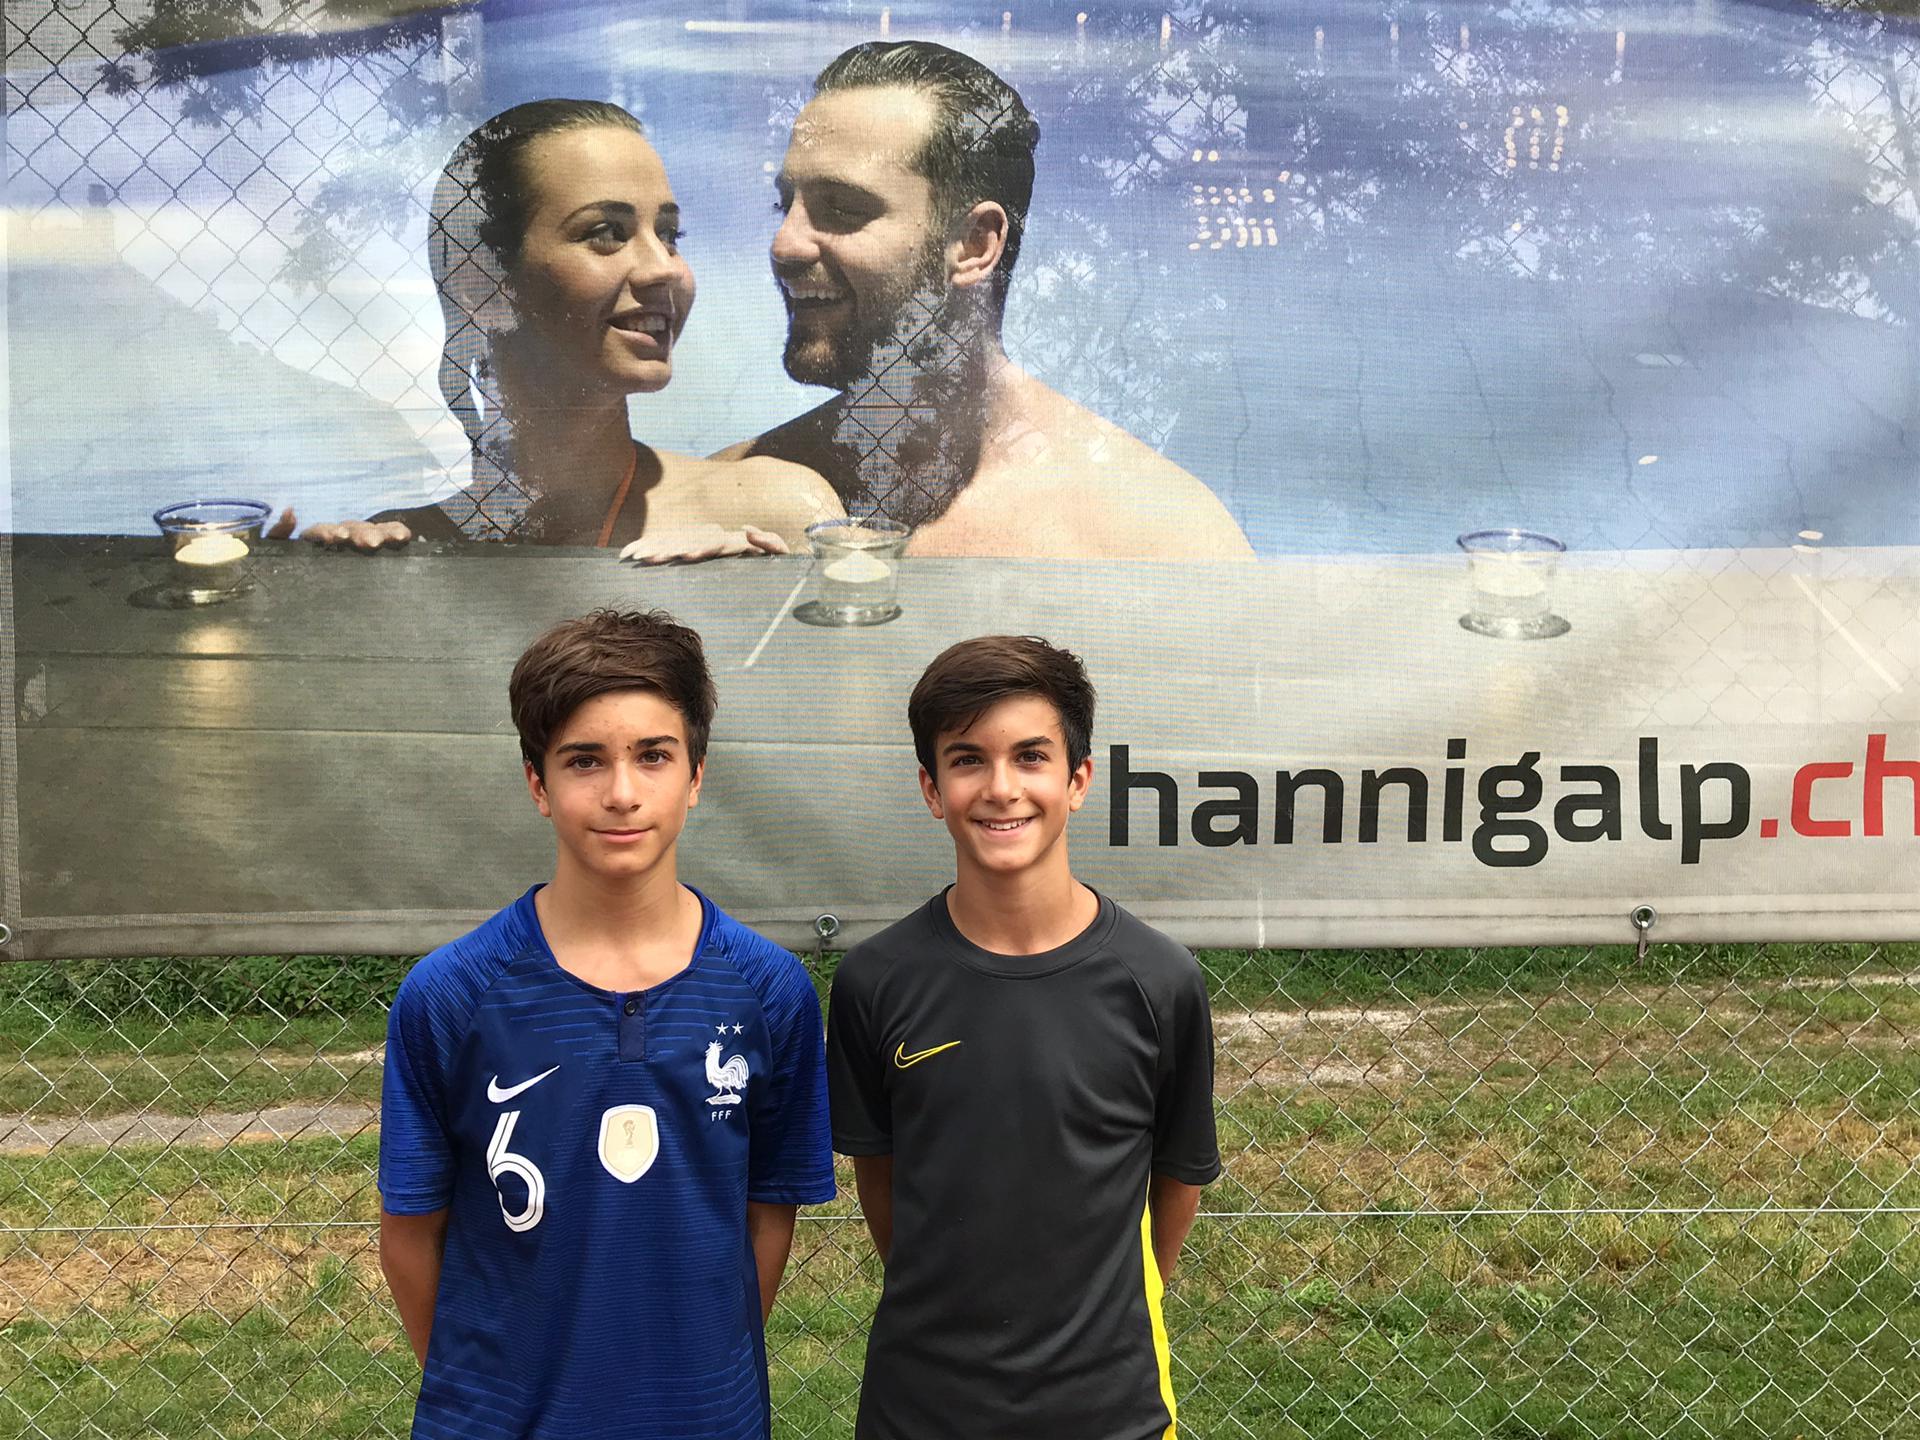 2019 Junioren Einzel Sieger: Lenny Balmer-Reichert / Finalist: Samuel Balmer-Reichert